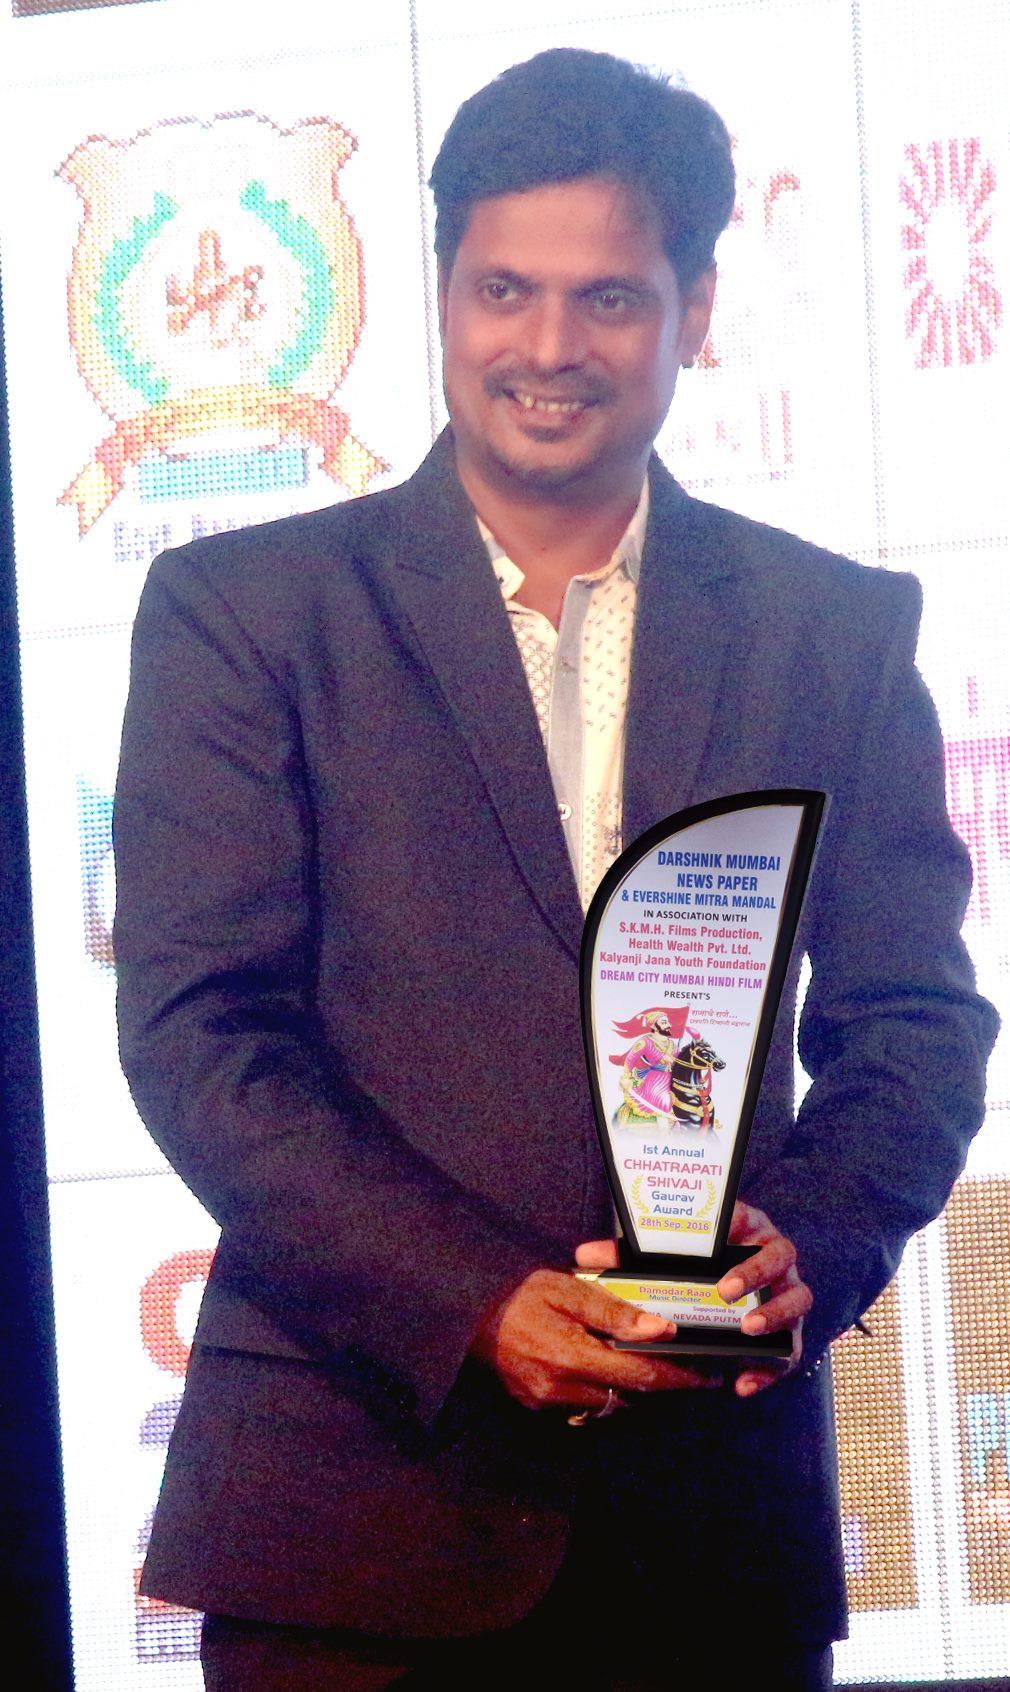 दामोदर राव को छत्रपति शिवाजी गौरव अवार्ड